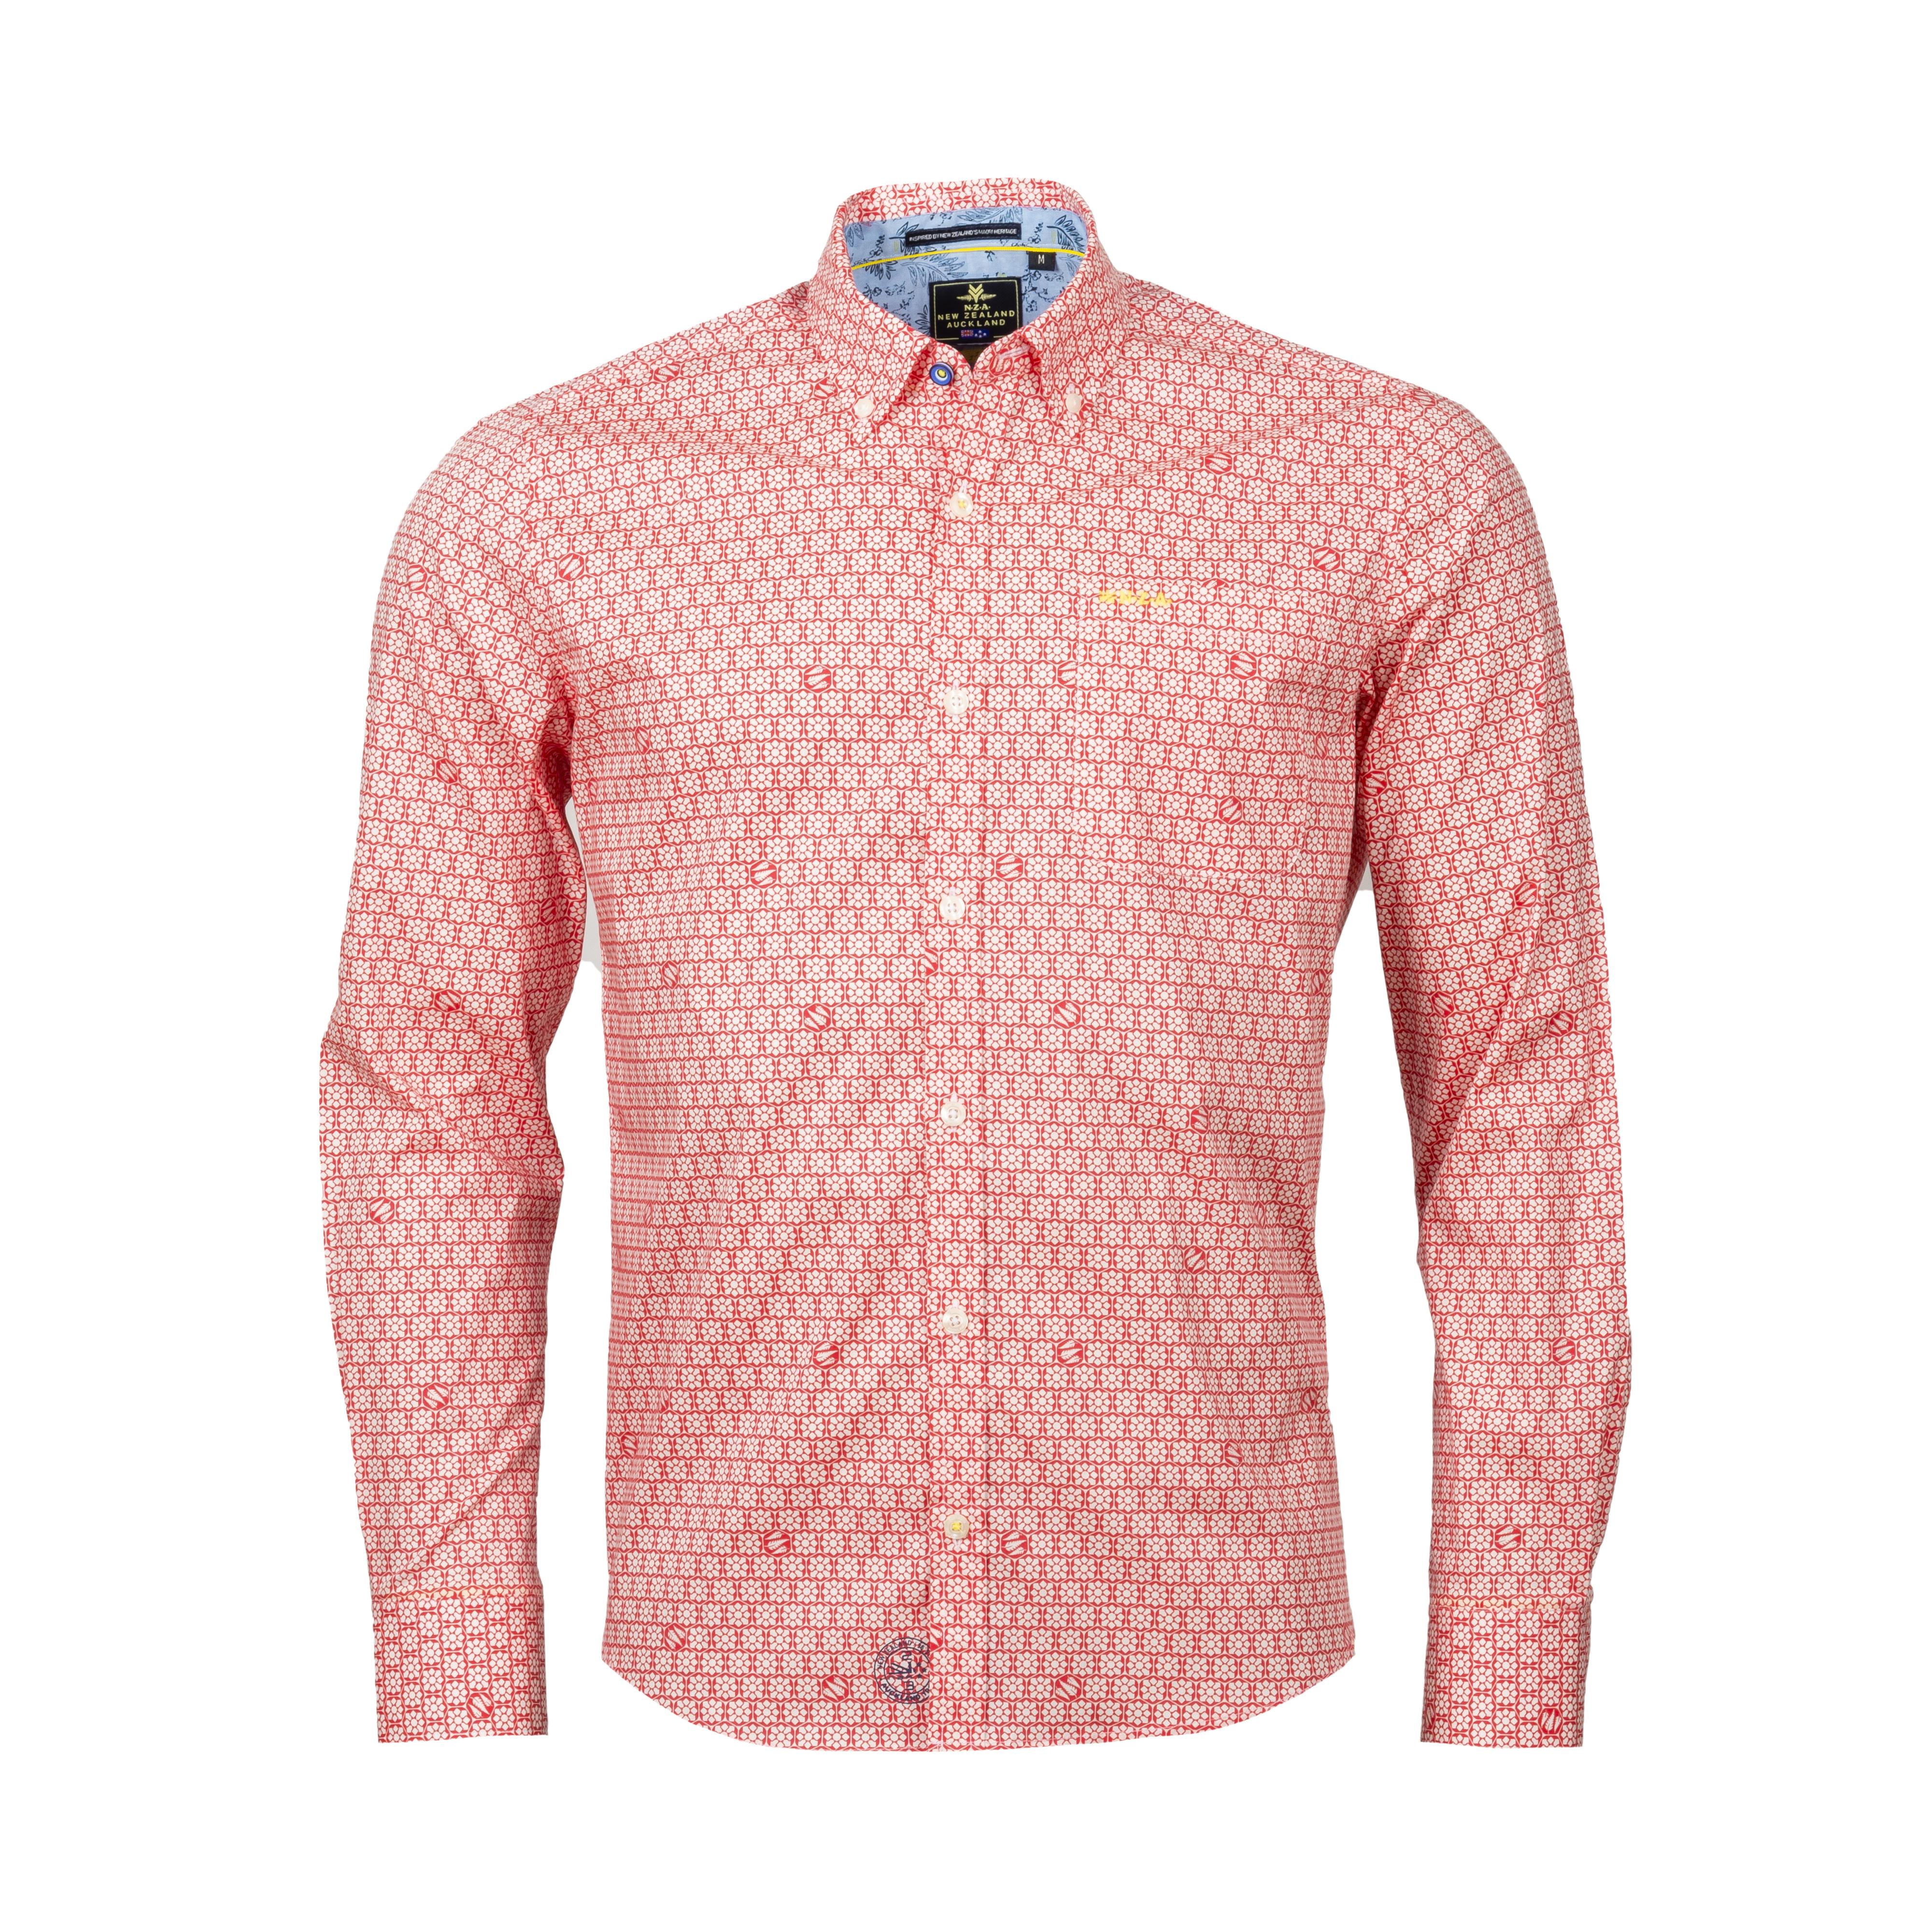 Chemise ajustée New Zealand Auckland Matakana en coton stretch rouge à motifs blancs